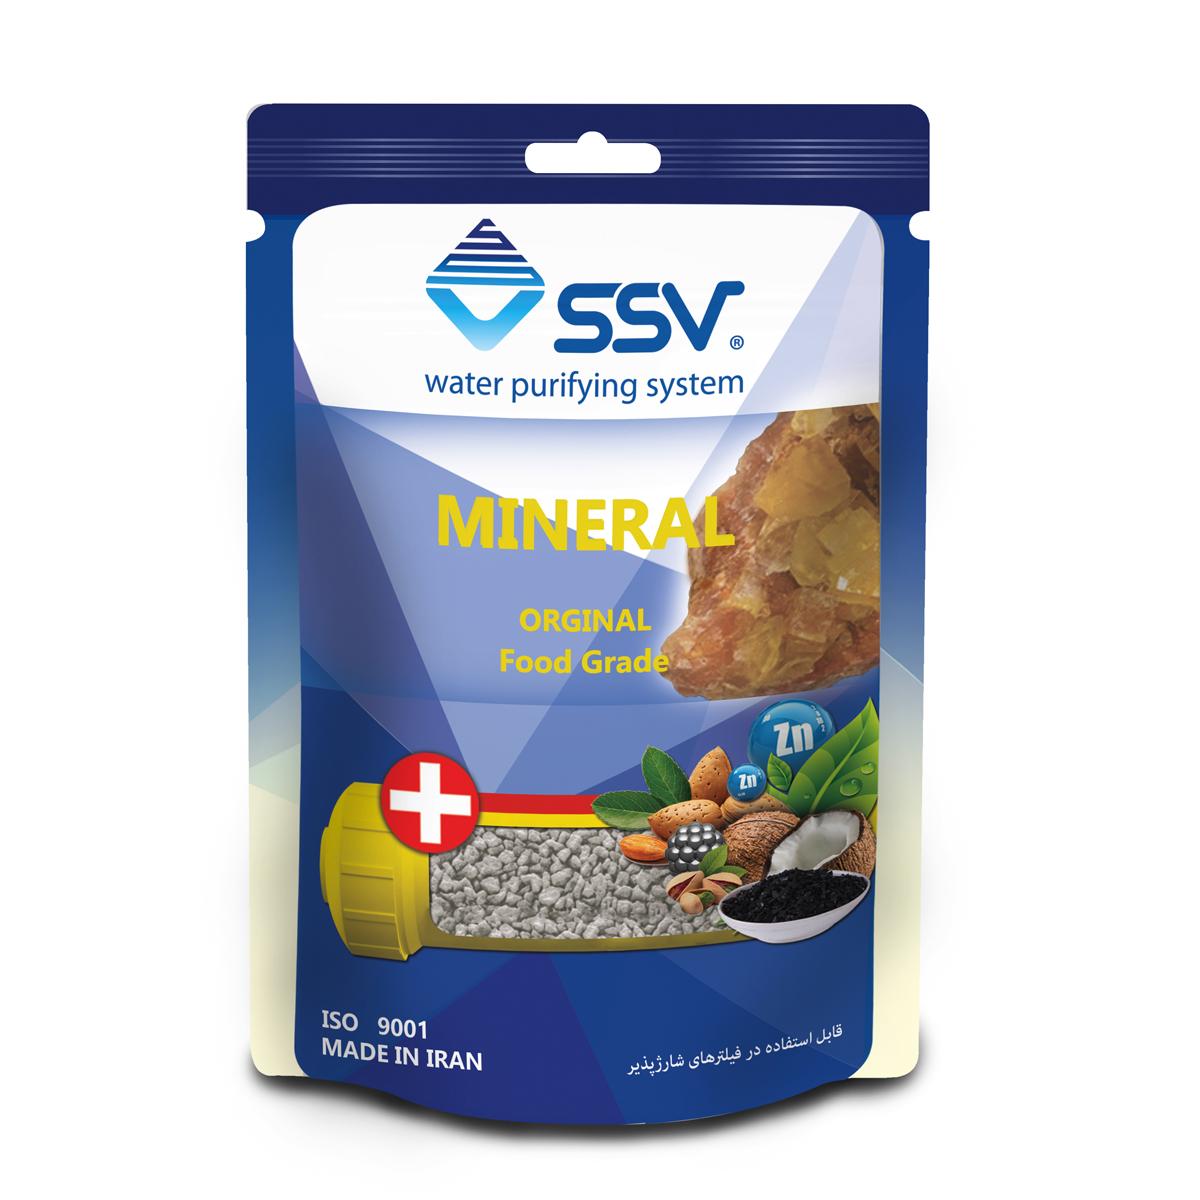 شارژ فیلتر دستگاه تصفیه کننده آب اس اس وی مدل  Mineral وزن 200 گرم